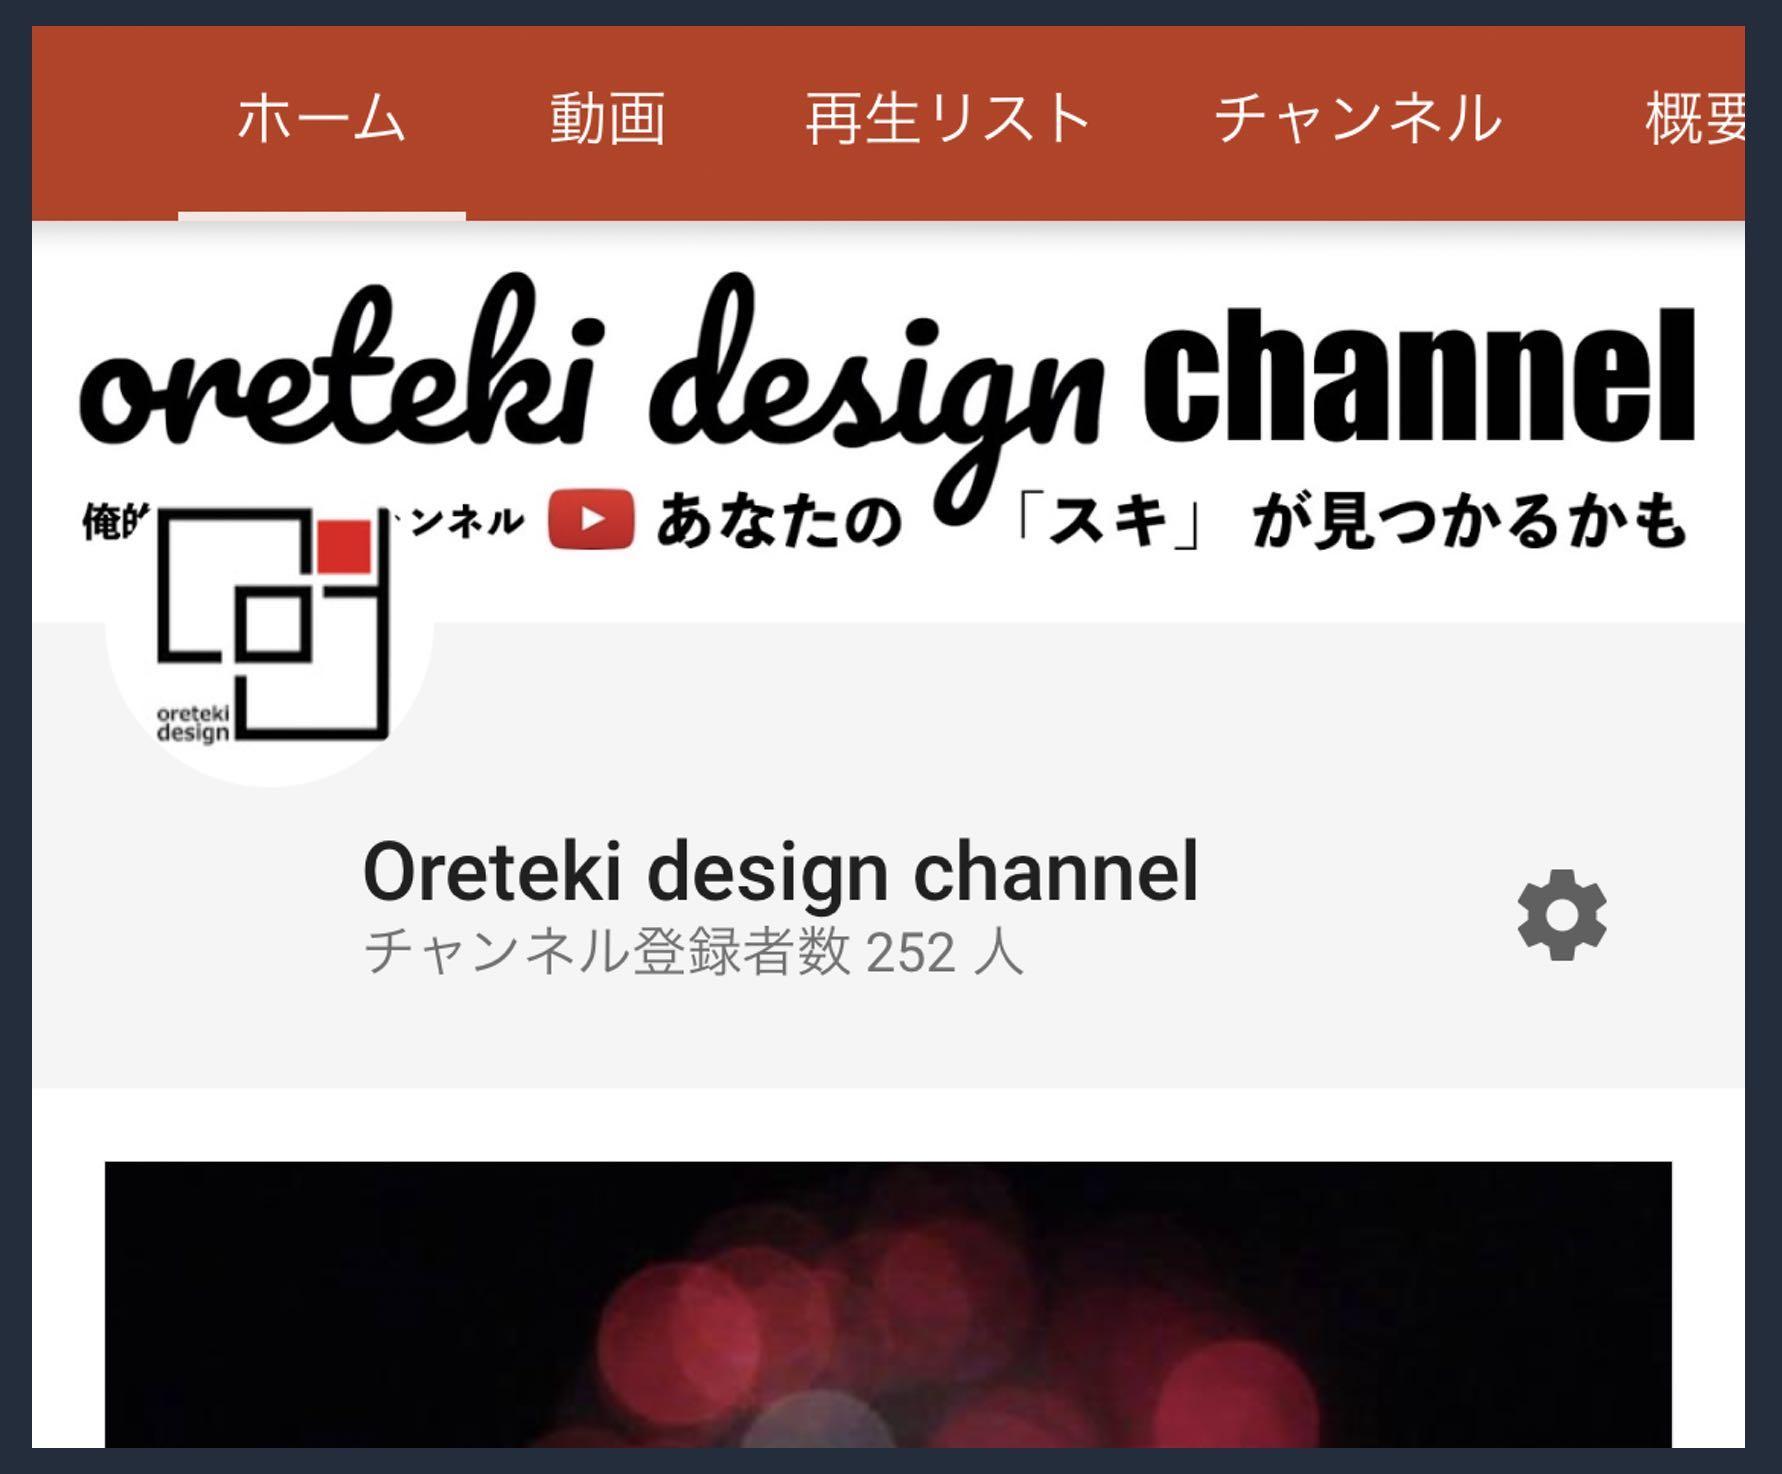 俺的デザインチャンネルモバイル表示の場合の画像